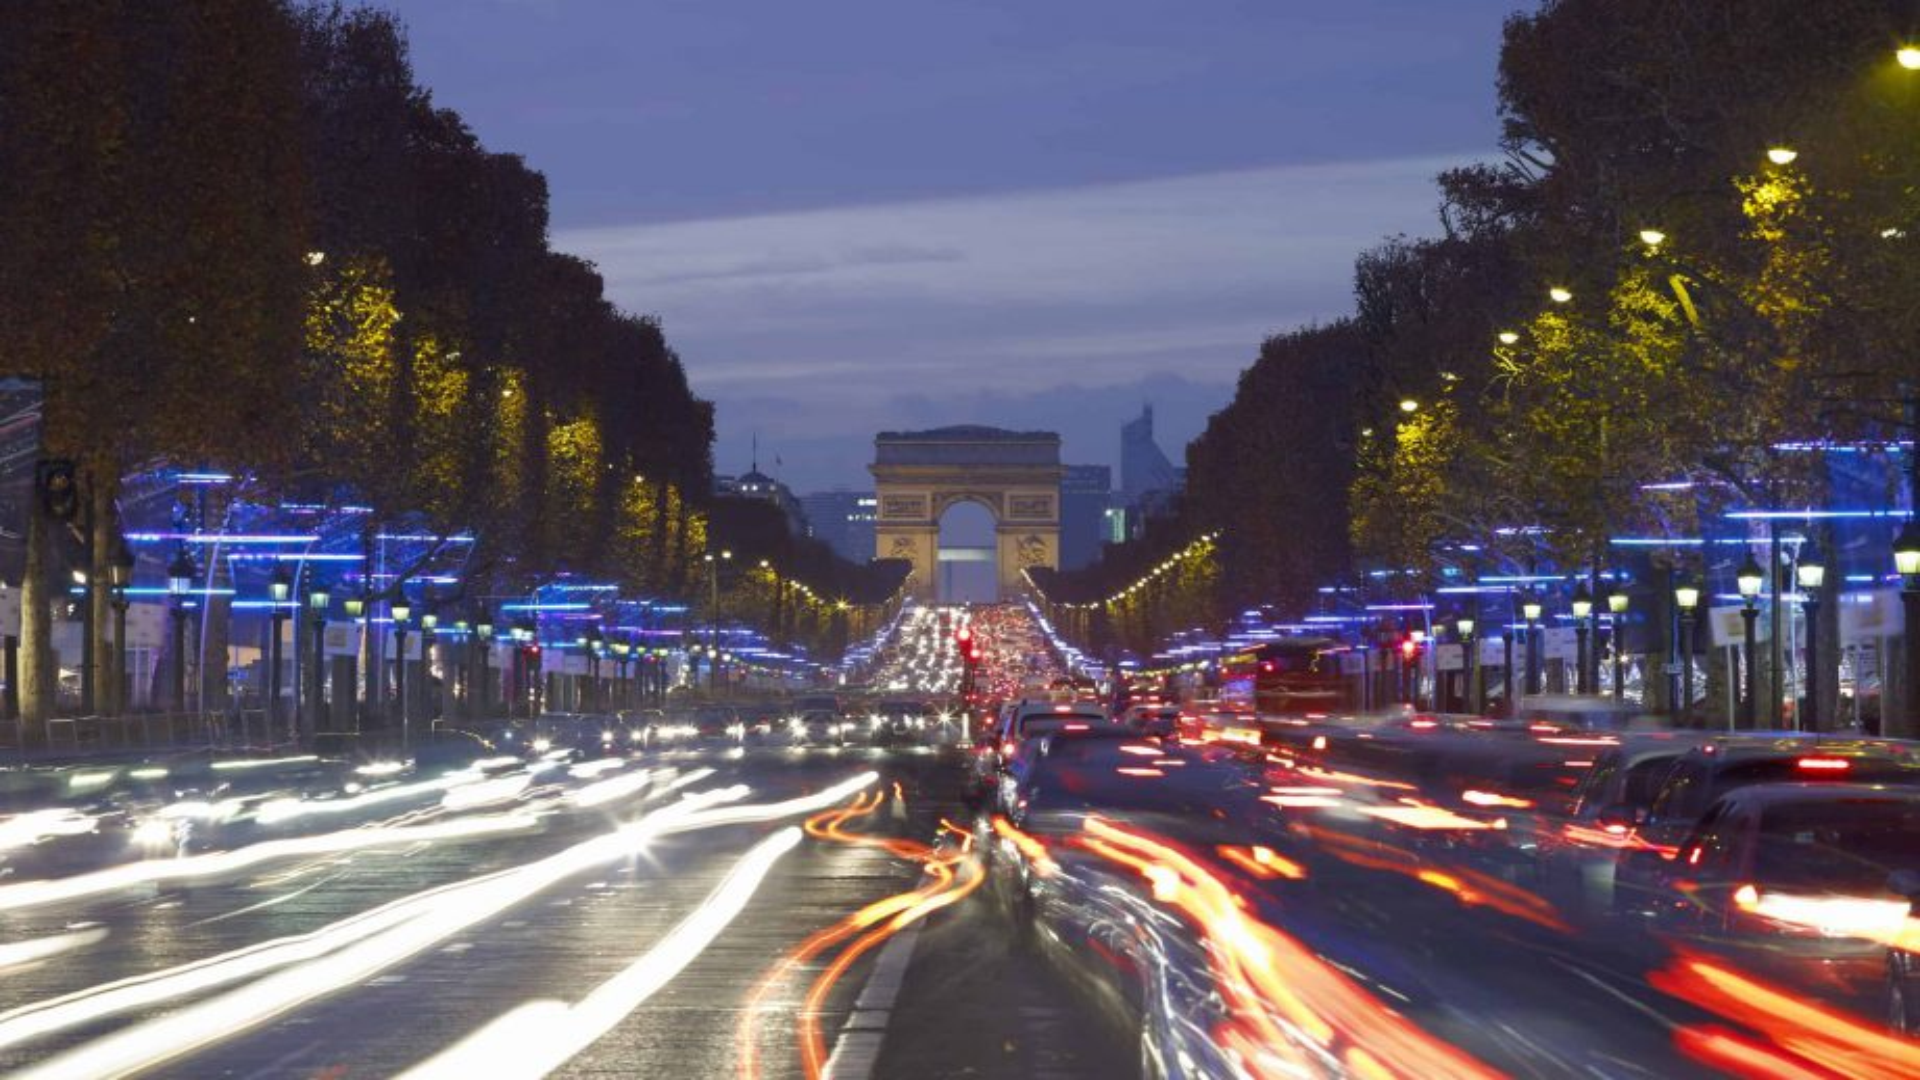 Paris green-lights major £225m Champs-Élysées revamp